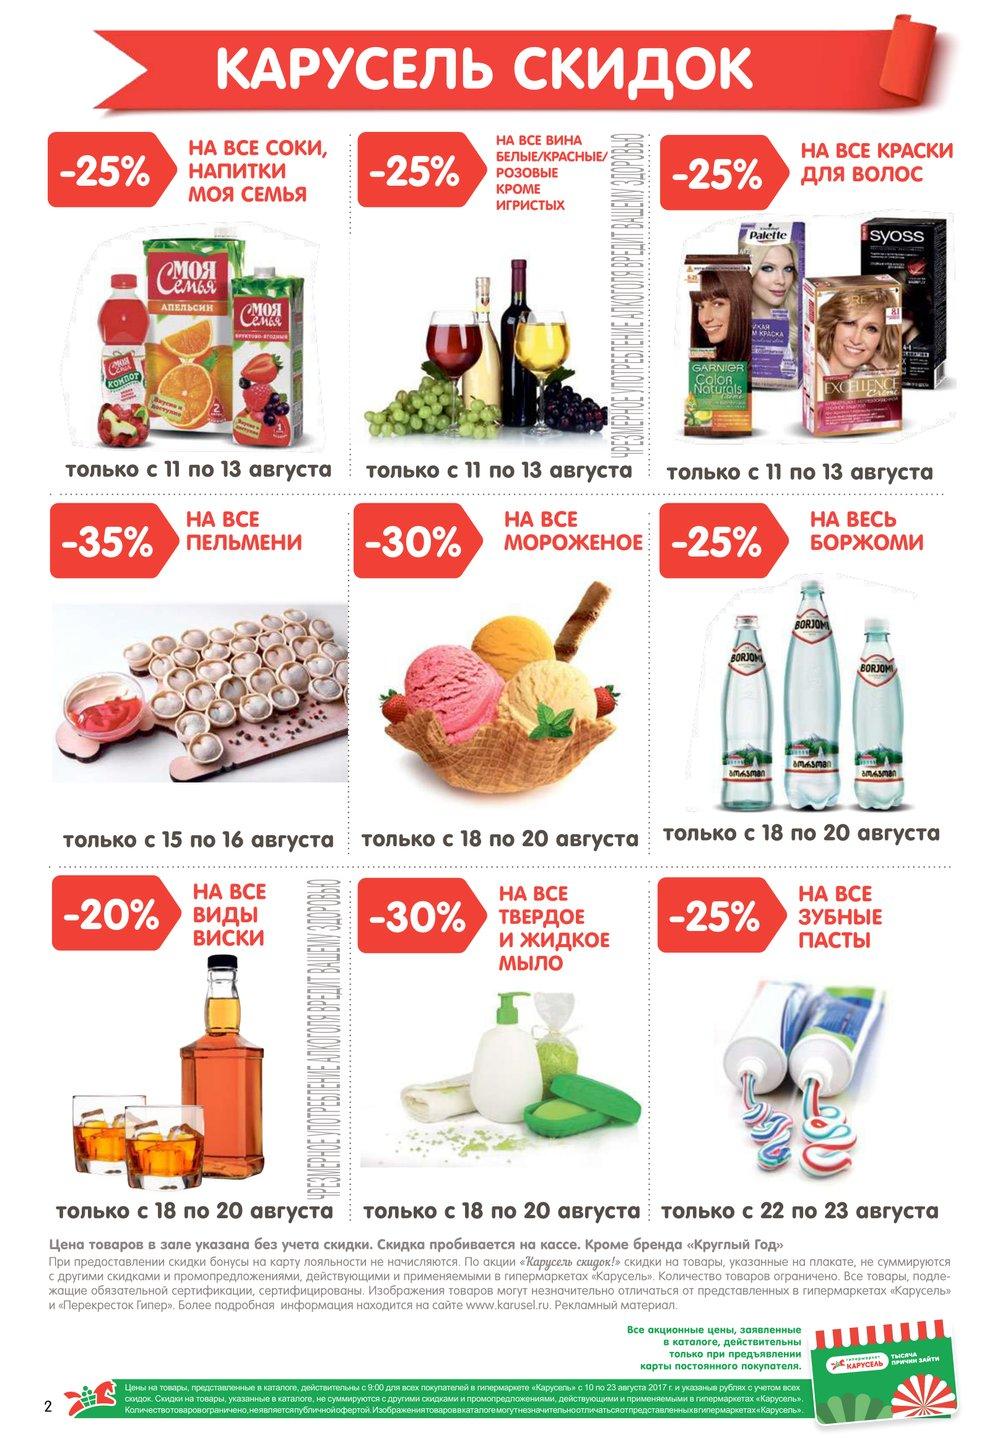 Каталог акций Карусель с 10 по 23 августа 2017 - стр. 2